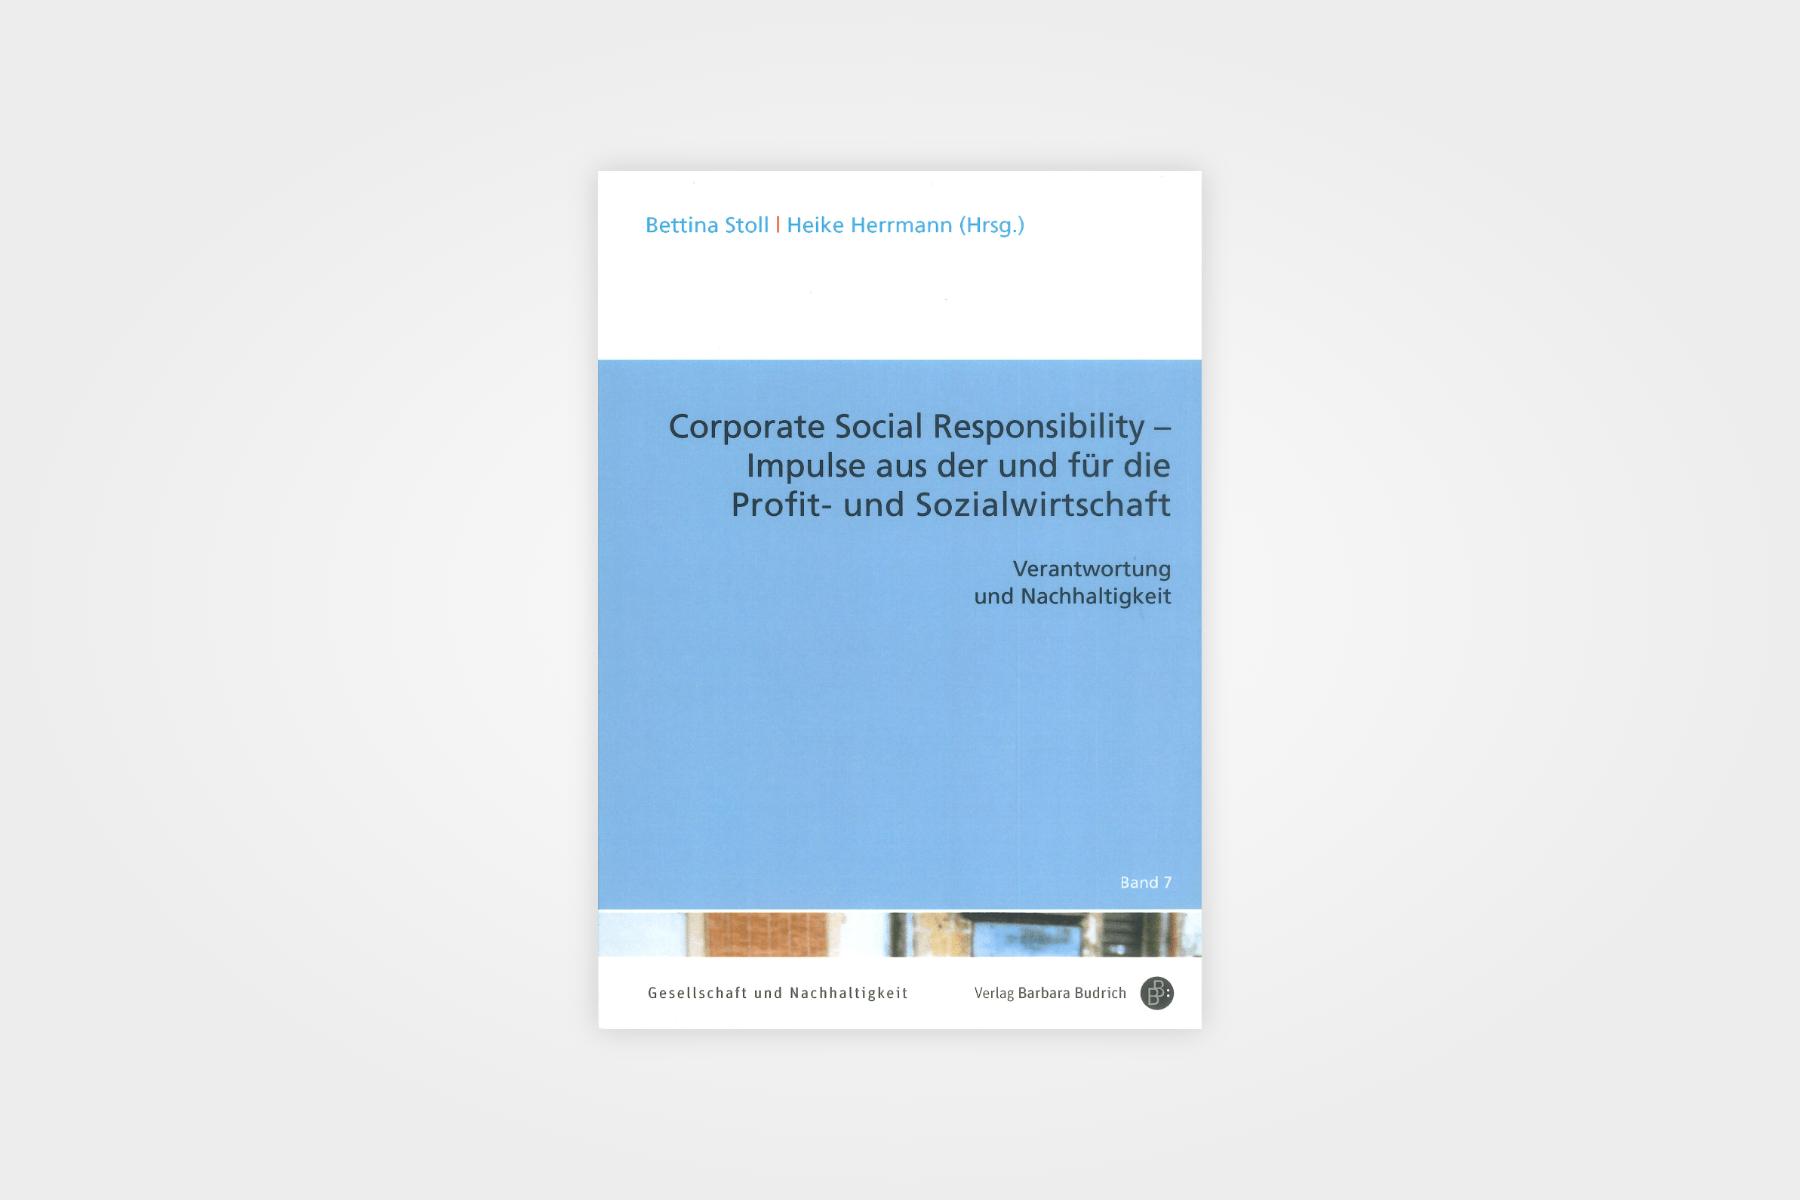 Mitarbeitergewinnung durch Corporate Social Responsibility